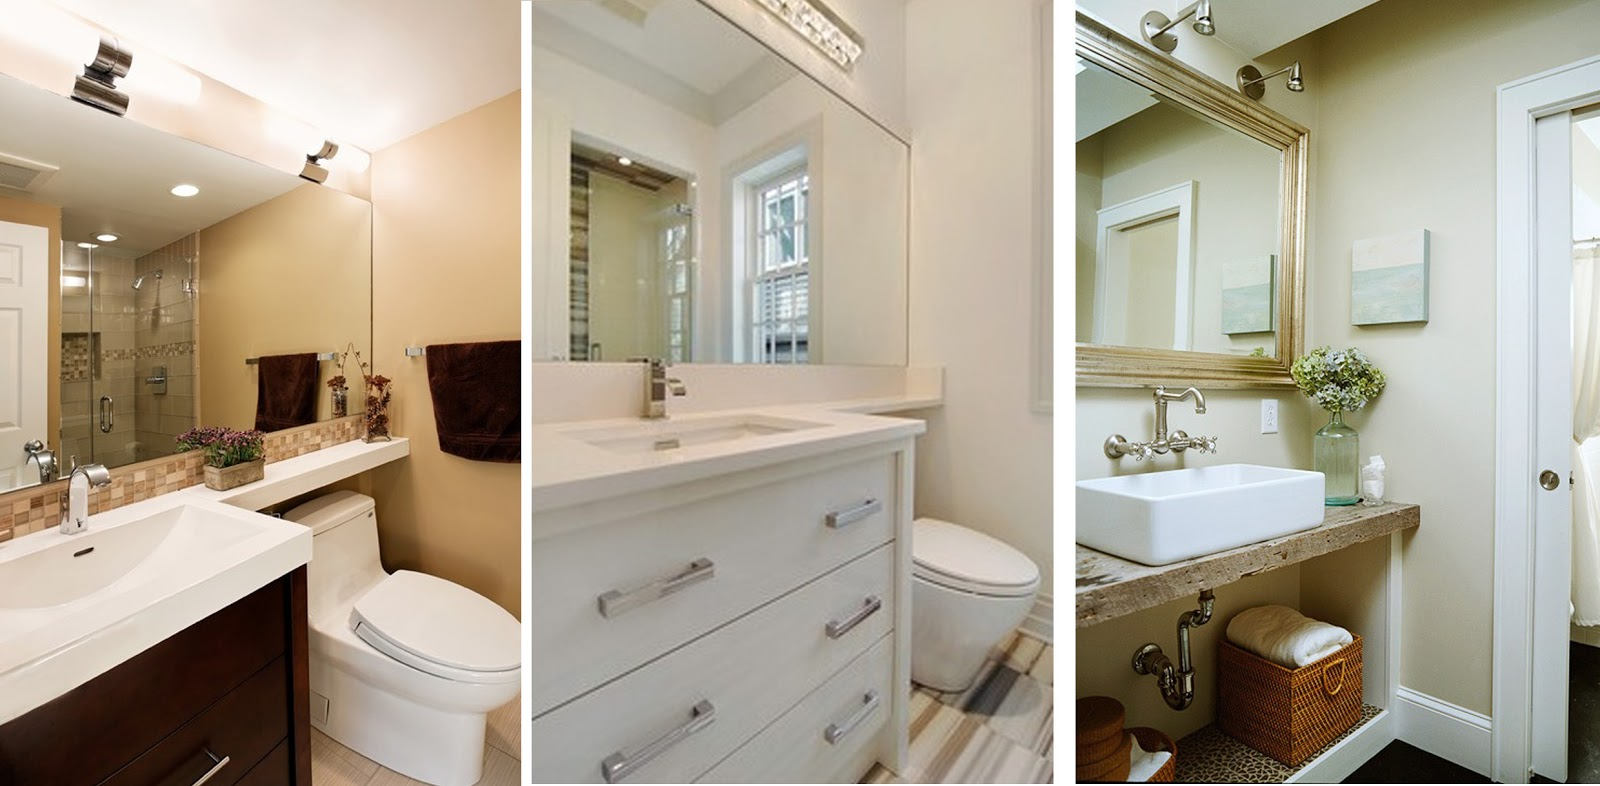 5 trucos para ampliar el baño - homepersonalshopper - baño pequeño - aseo